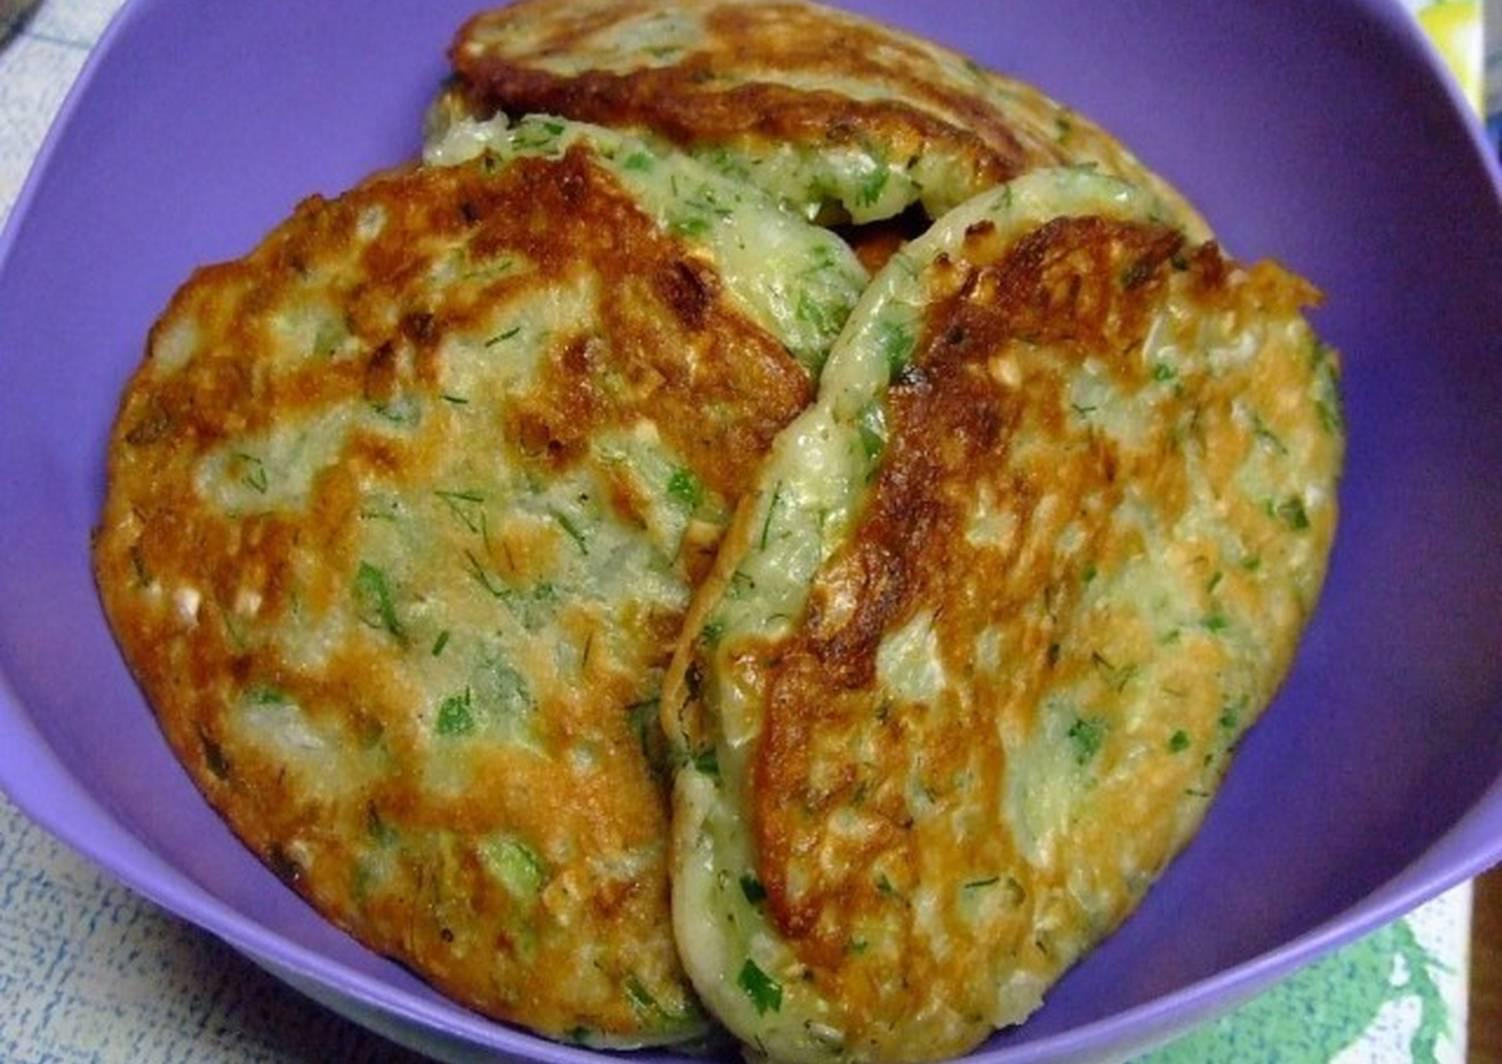 техники капустные оладьи на кефире рецепт с фото вас есть